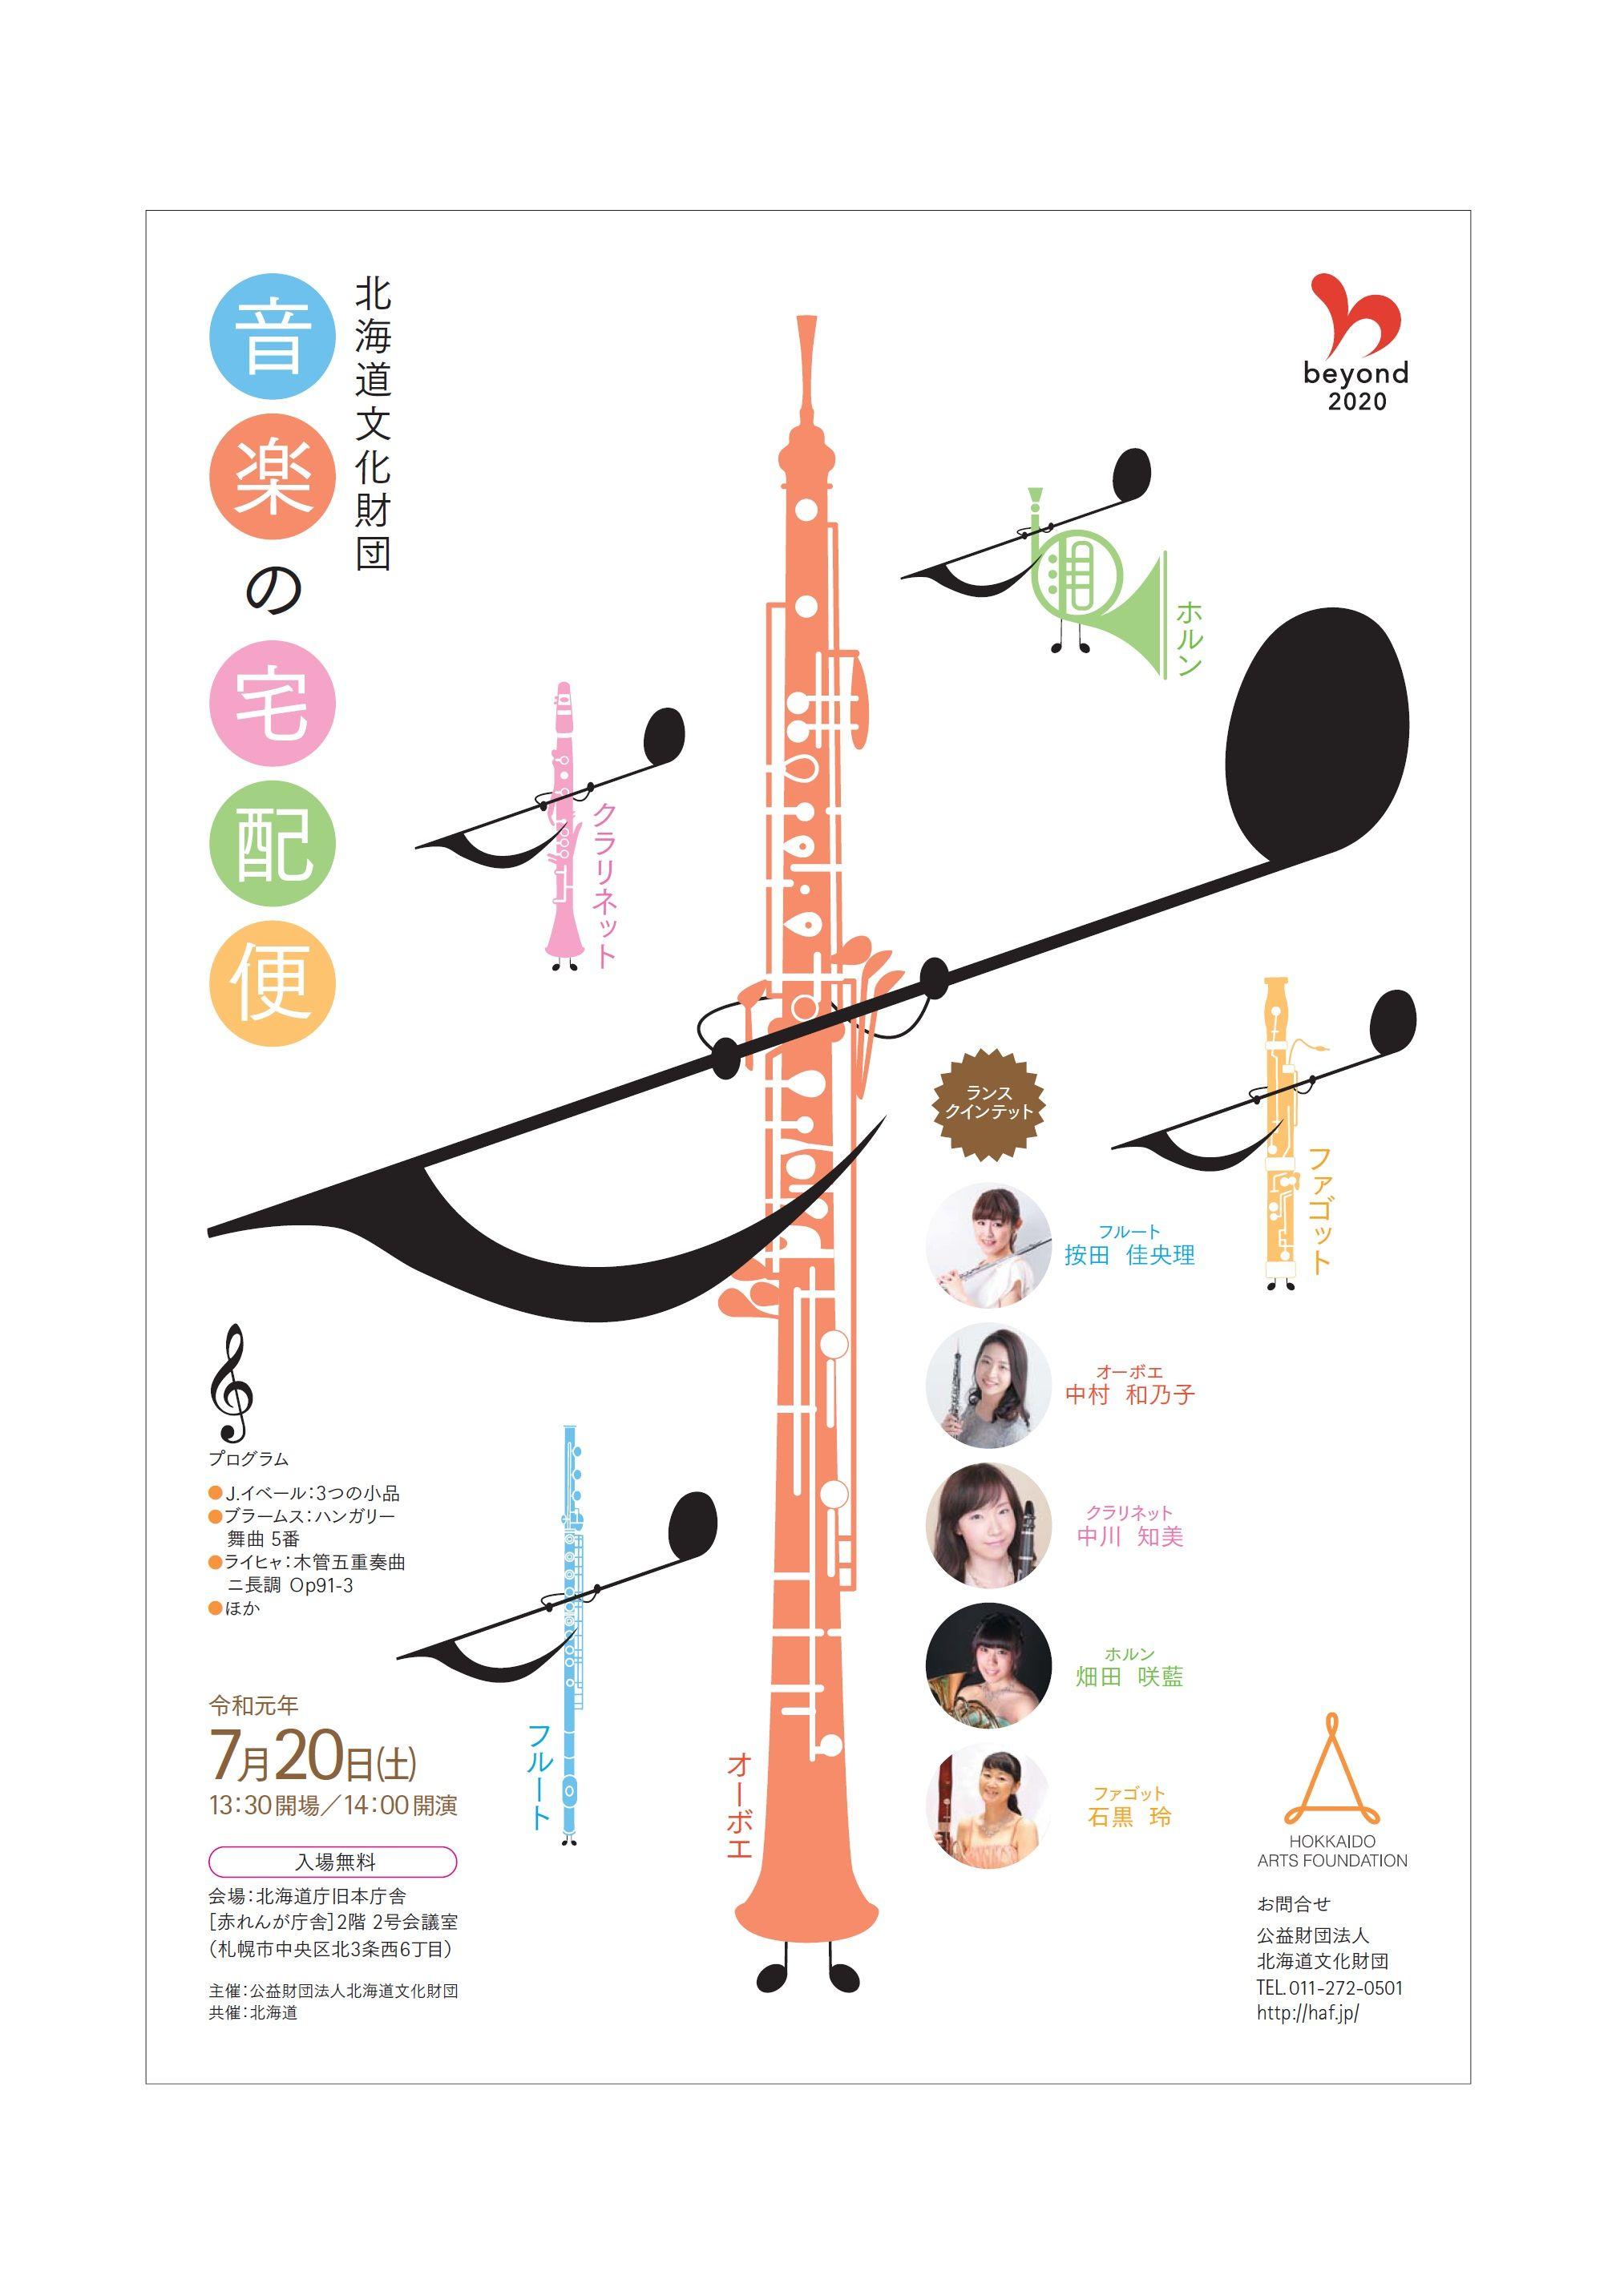 北海道文化財団 音楽の宅配便 イメージ画像